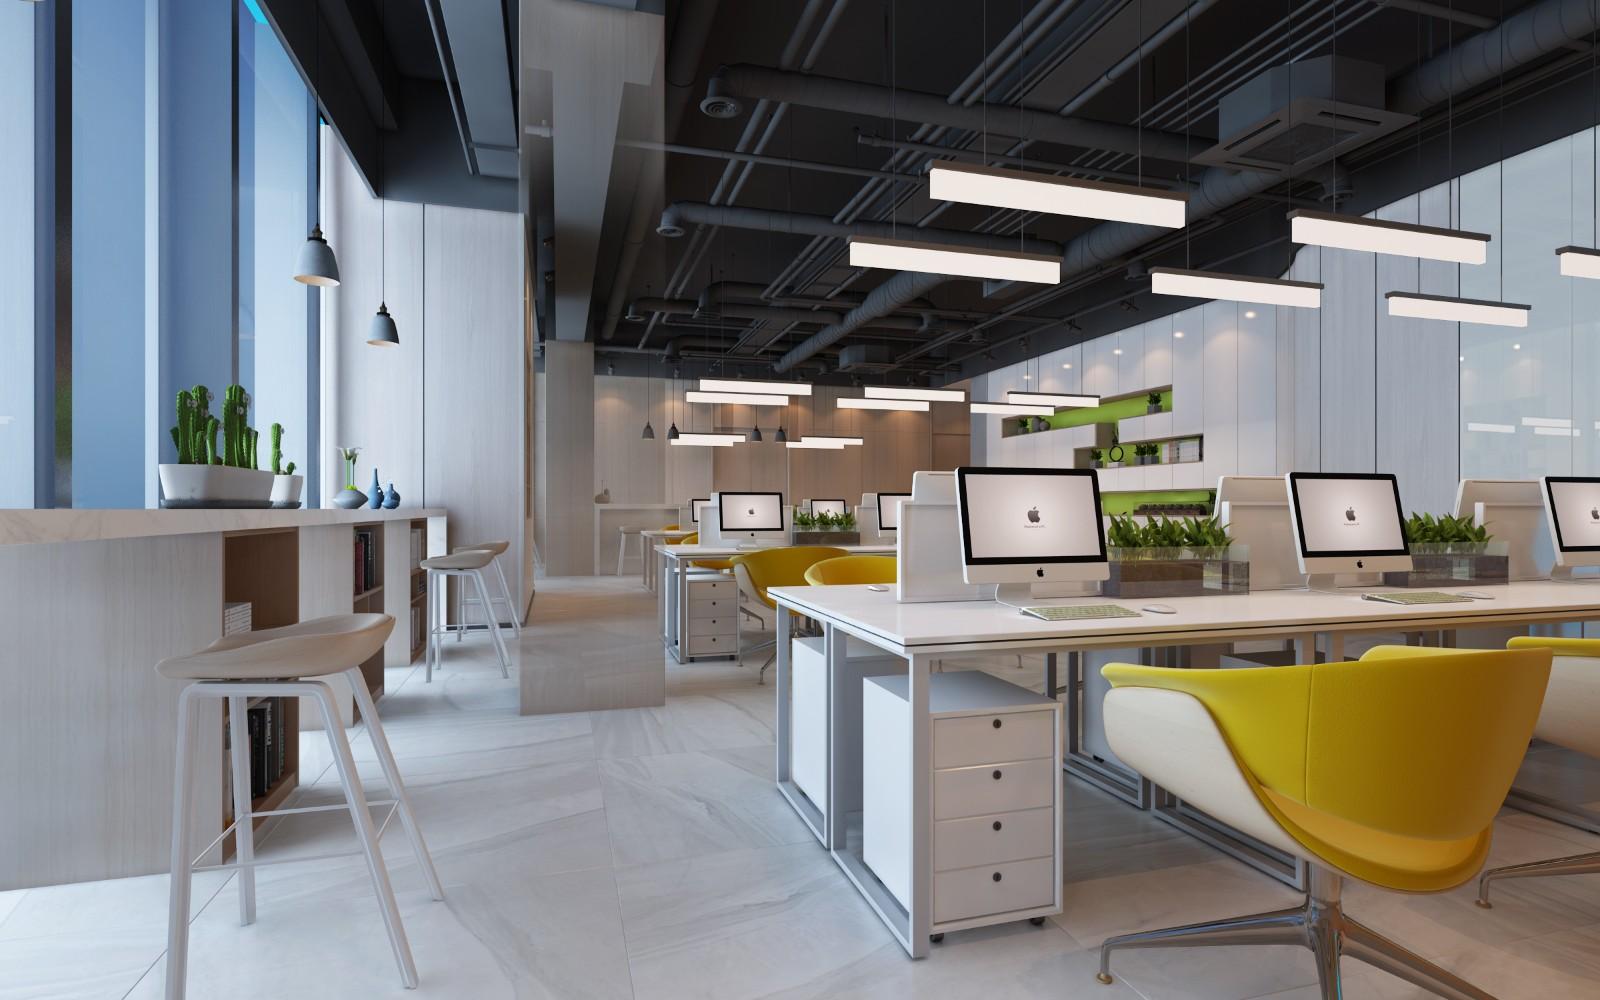 威高資本辦公空間|威高資本辦公空間-威海山舍裝飾設計有限公司